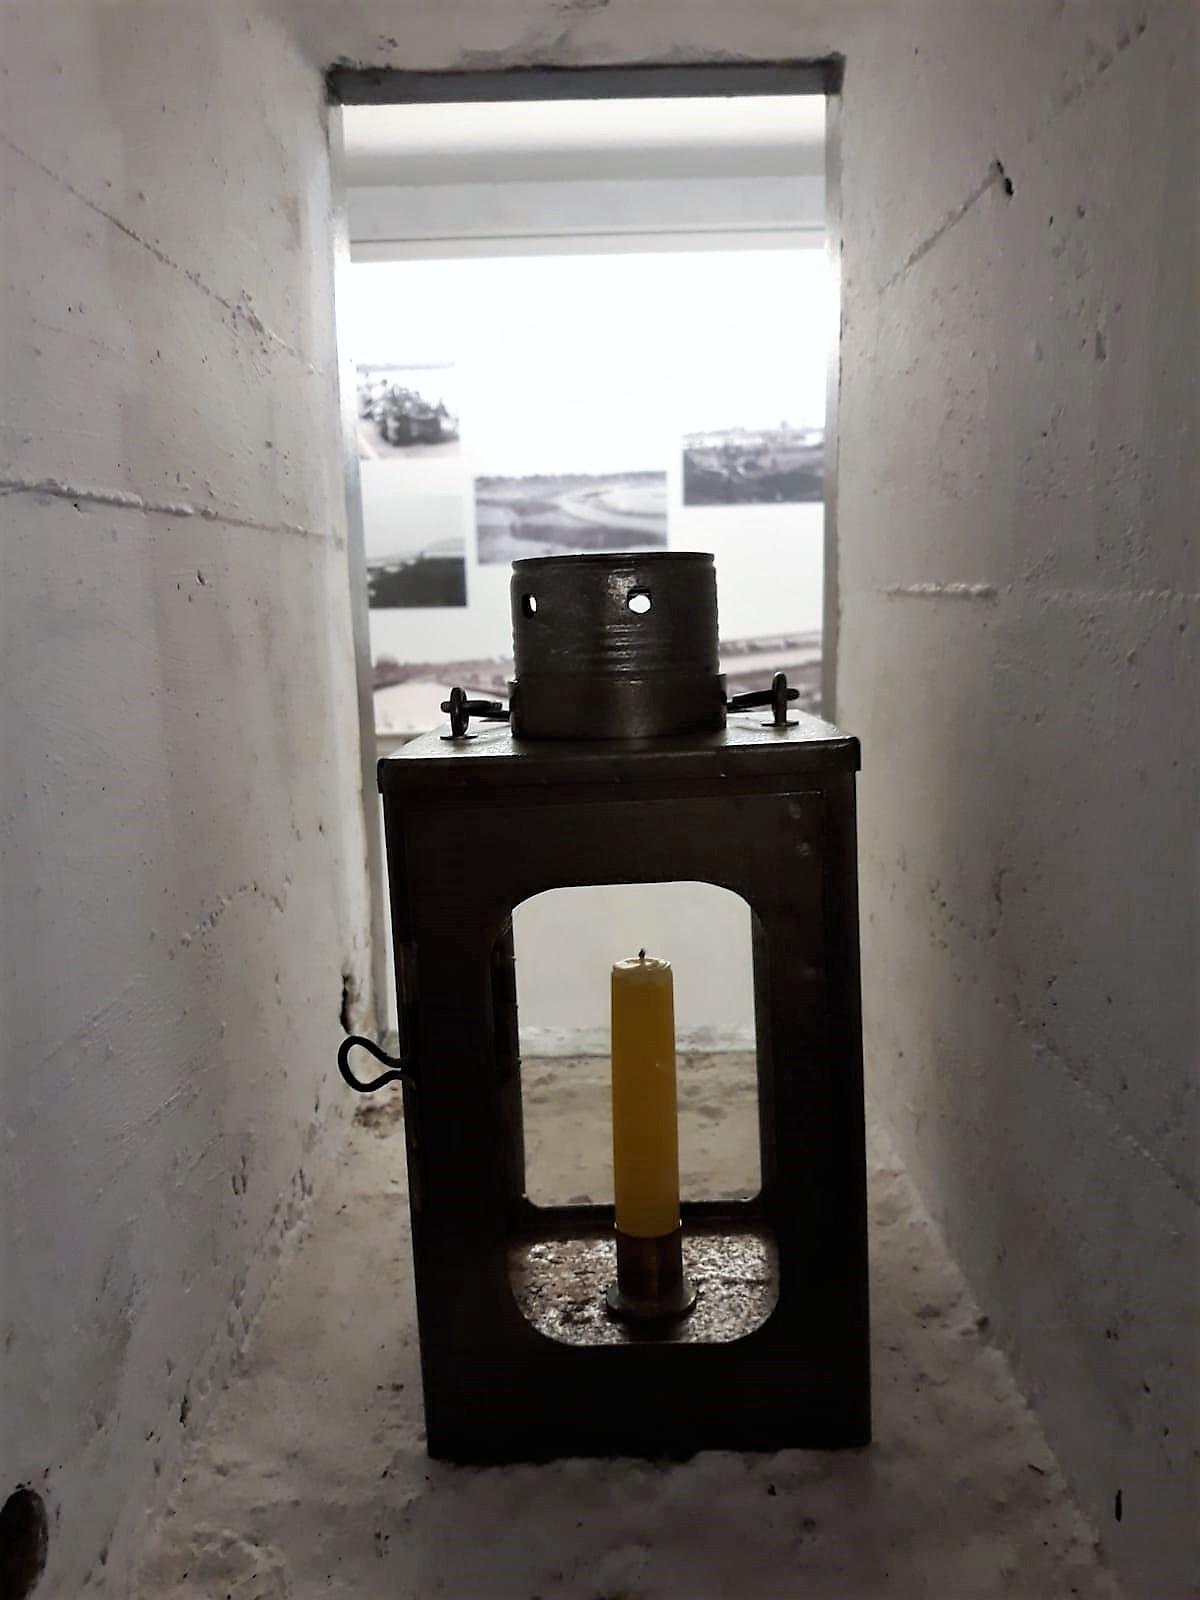 In de munitieopslag stond maar één licht in de vorm van een kaars - tussen de twee muren in. Dat was het.